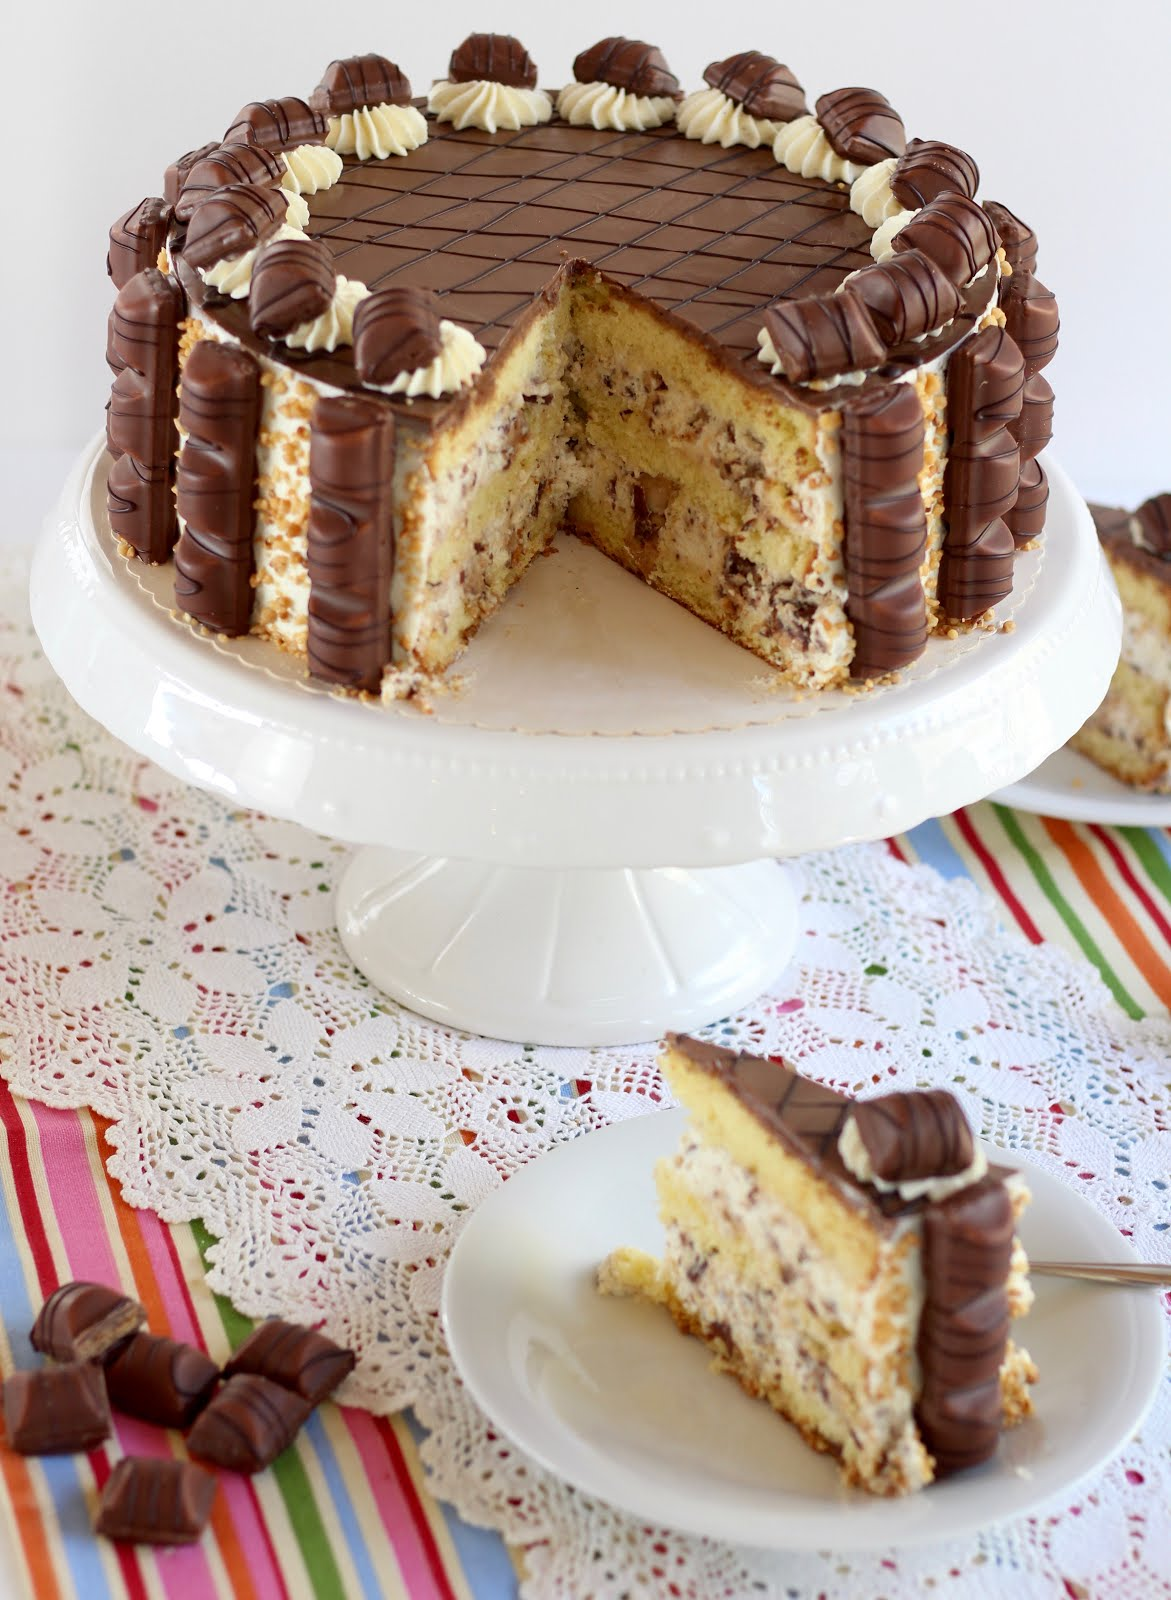 Kinder Bueno Torte - der absolute Knaller für Haselnuss-Lover und Schoko-Freaks | Rezept und Video